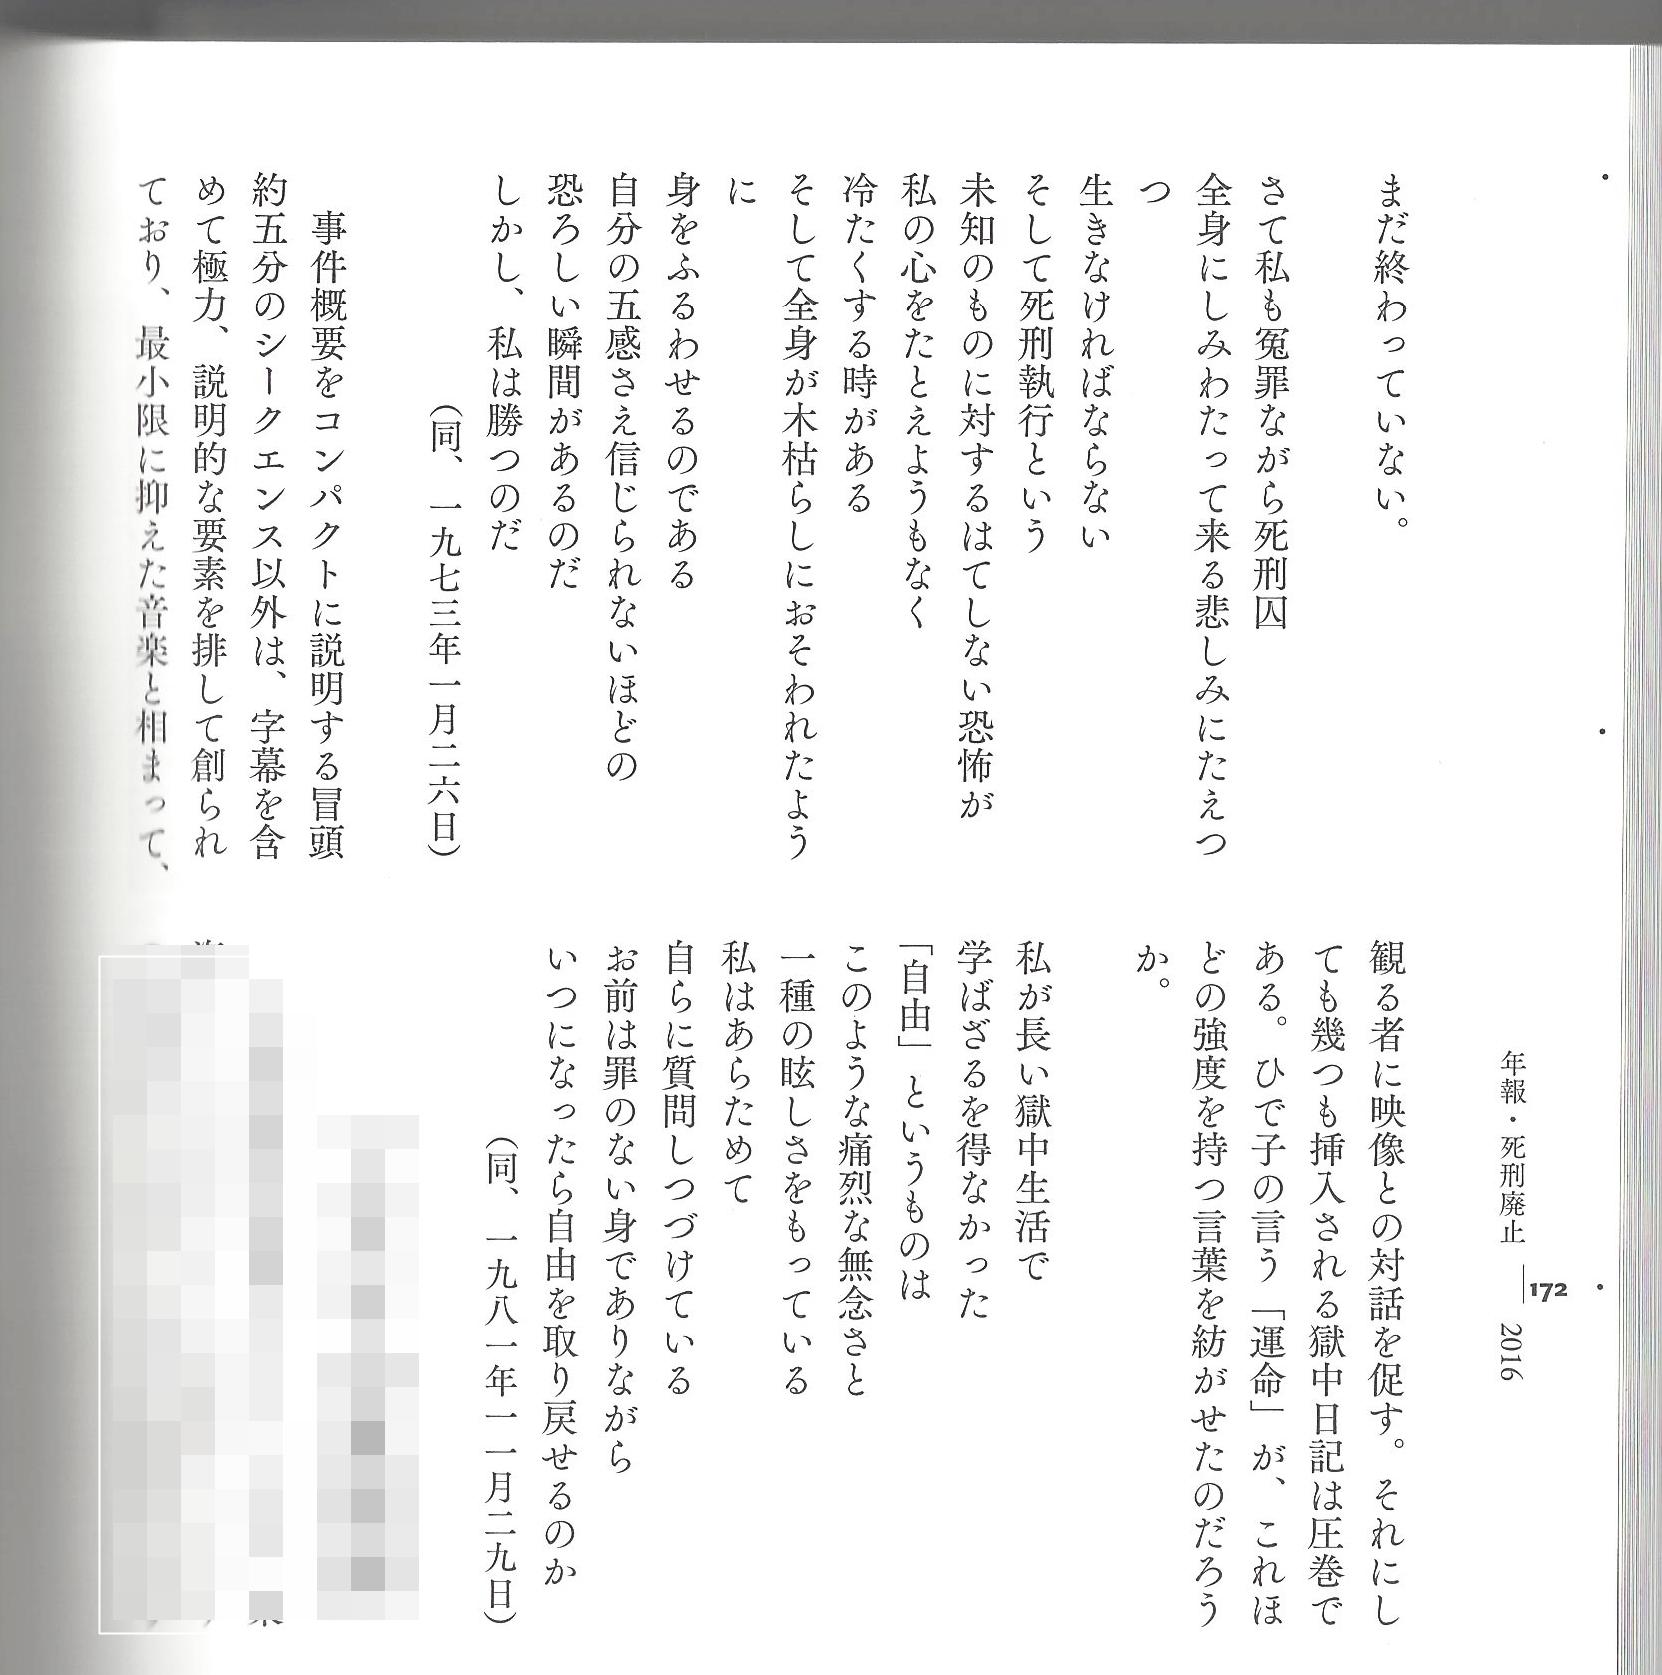 年報・死刑廃止2016 死刑と憲法(3)